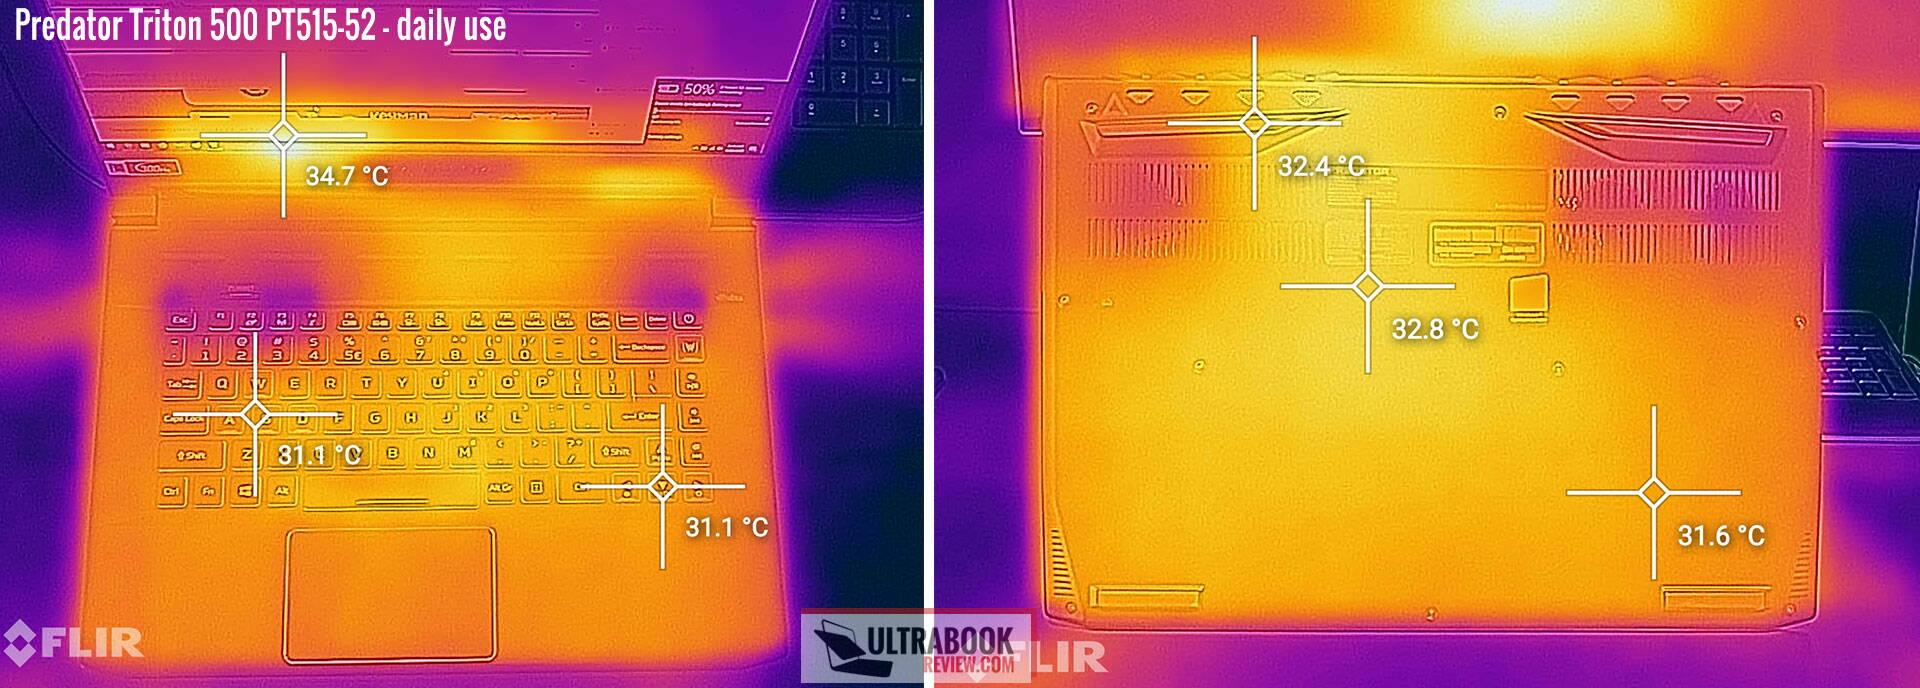 temperatures-dailyuse-triton500